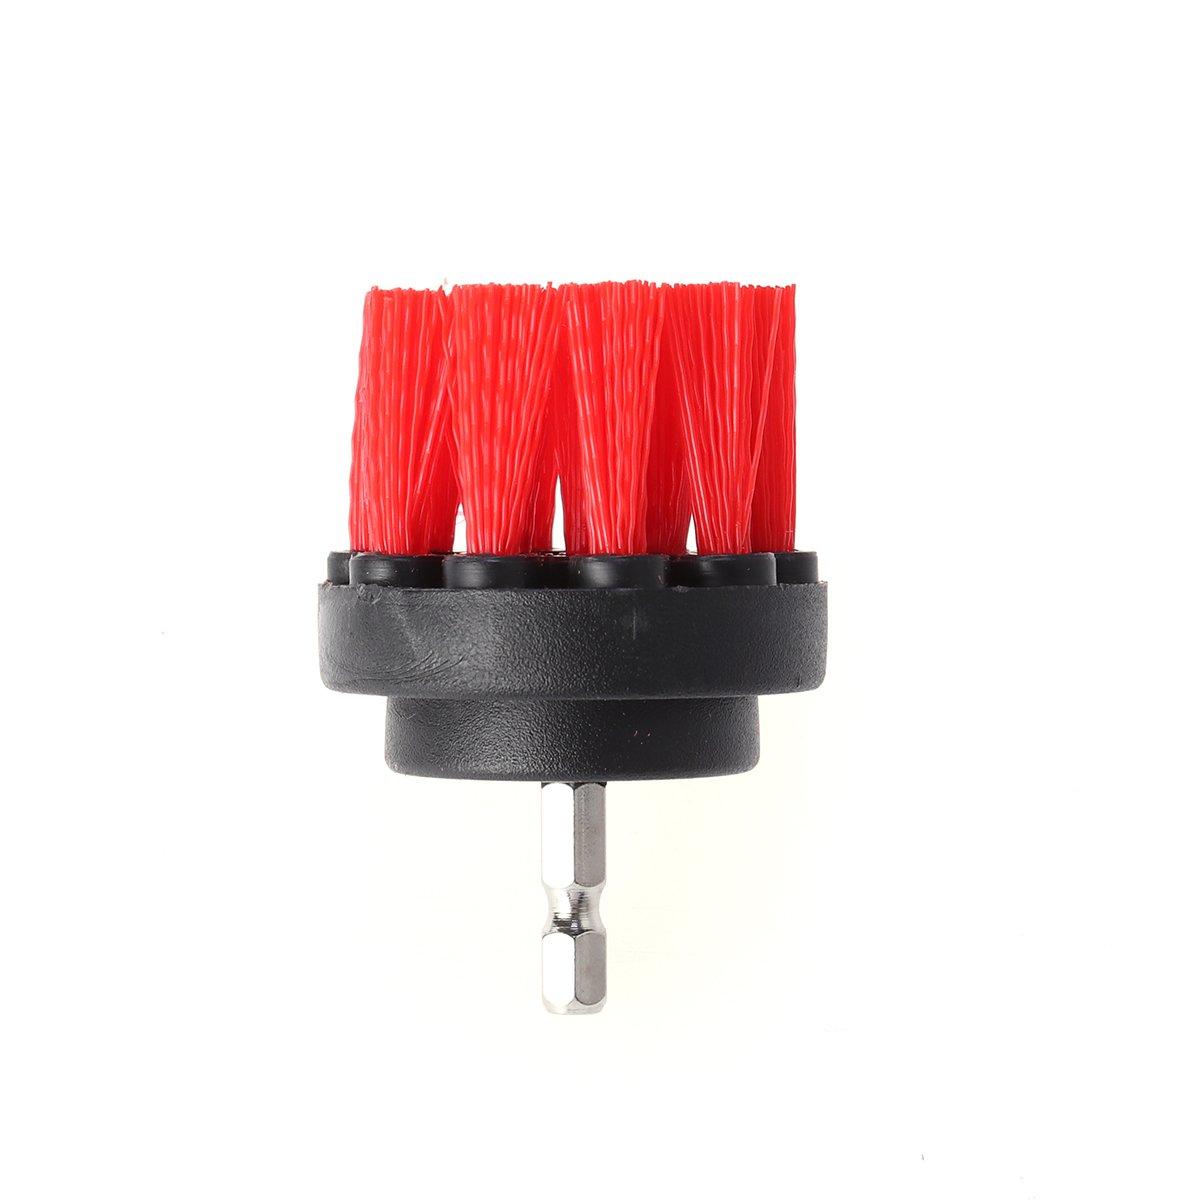 OUNONA 3pcs Brosses de Nettoyage Nylon Forage Brosse de Nettoyage Attachements Multifonction Power Scrubber Brosse de Fixation Kit pour Le coulis de Voiture Pavage Marbre Nettoyage Rouge